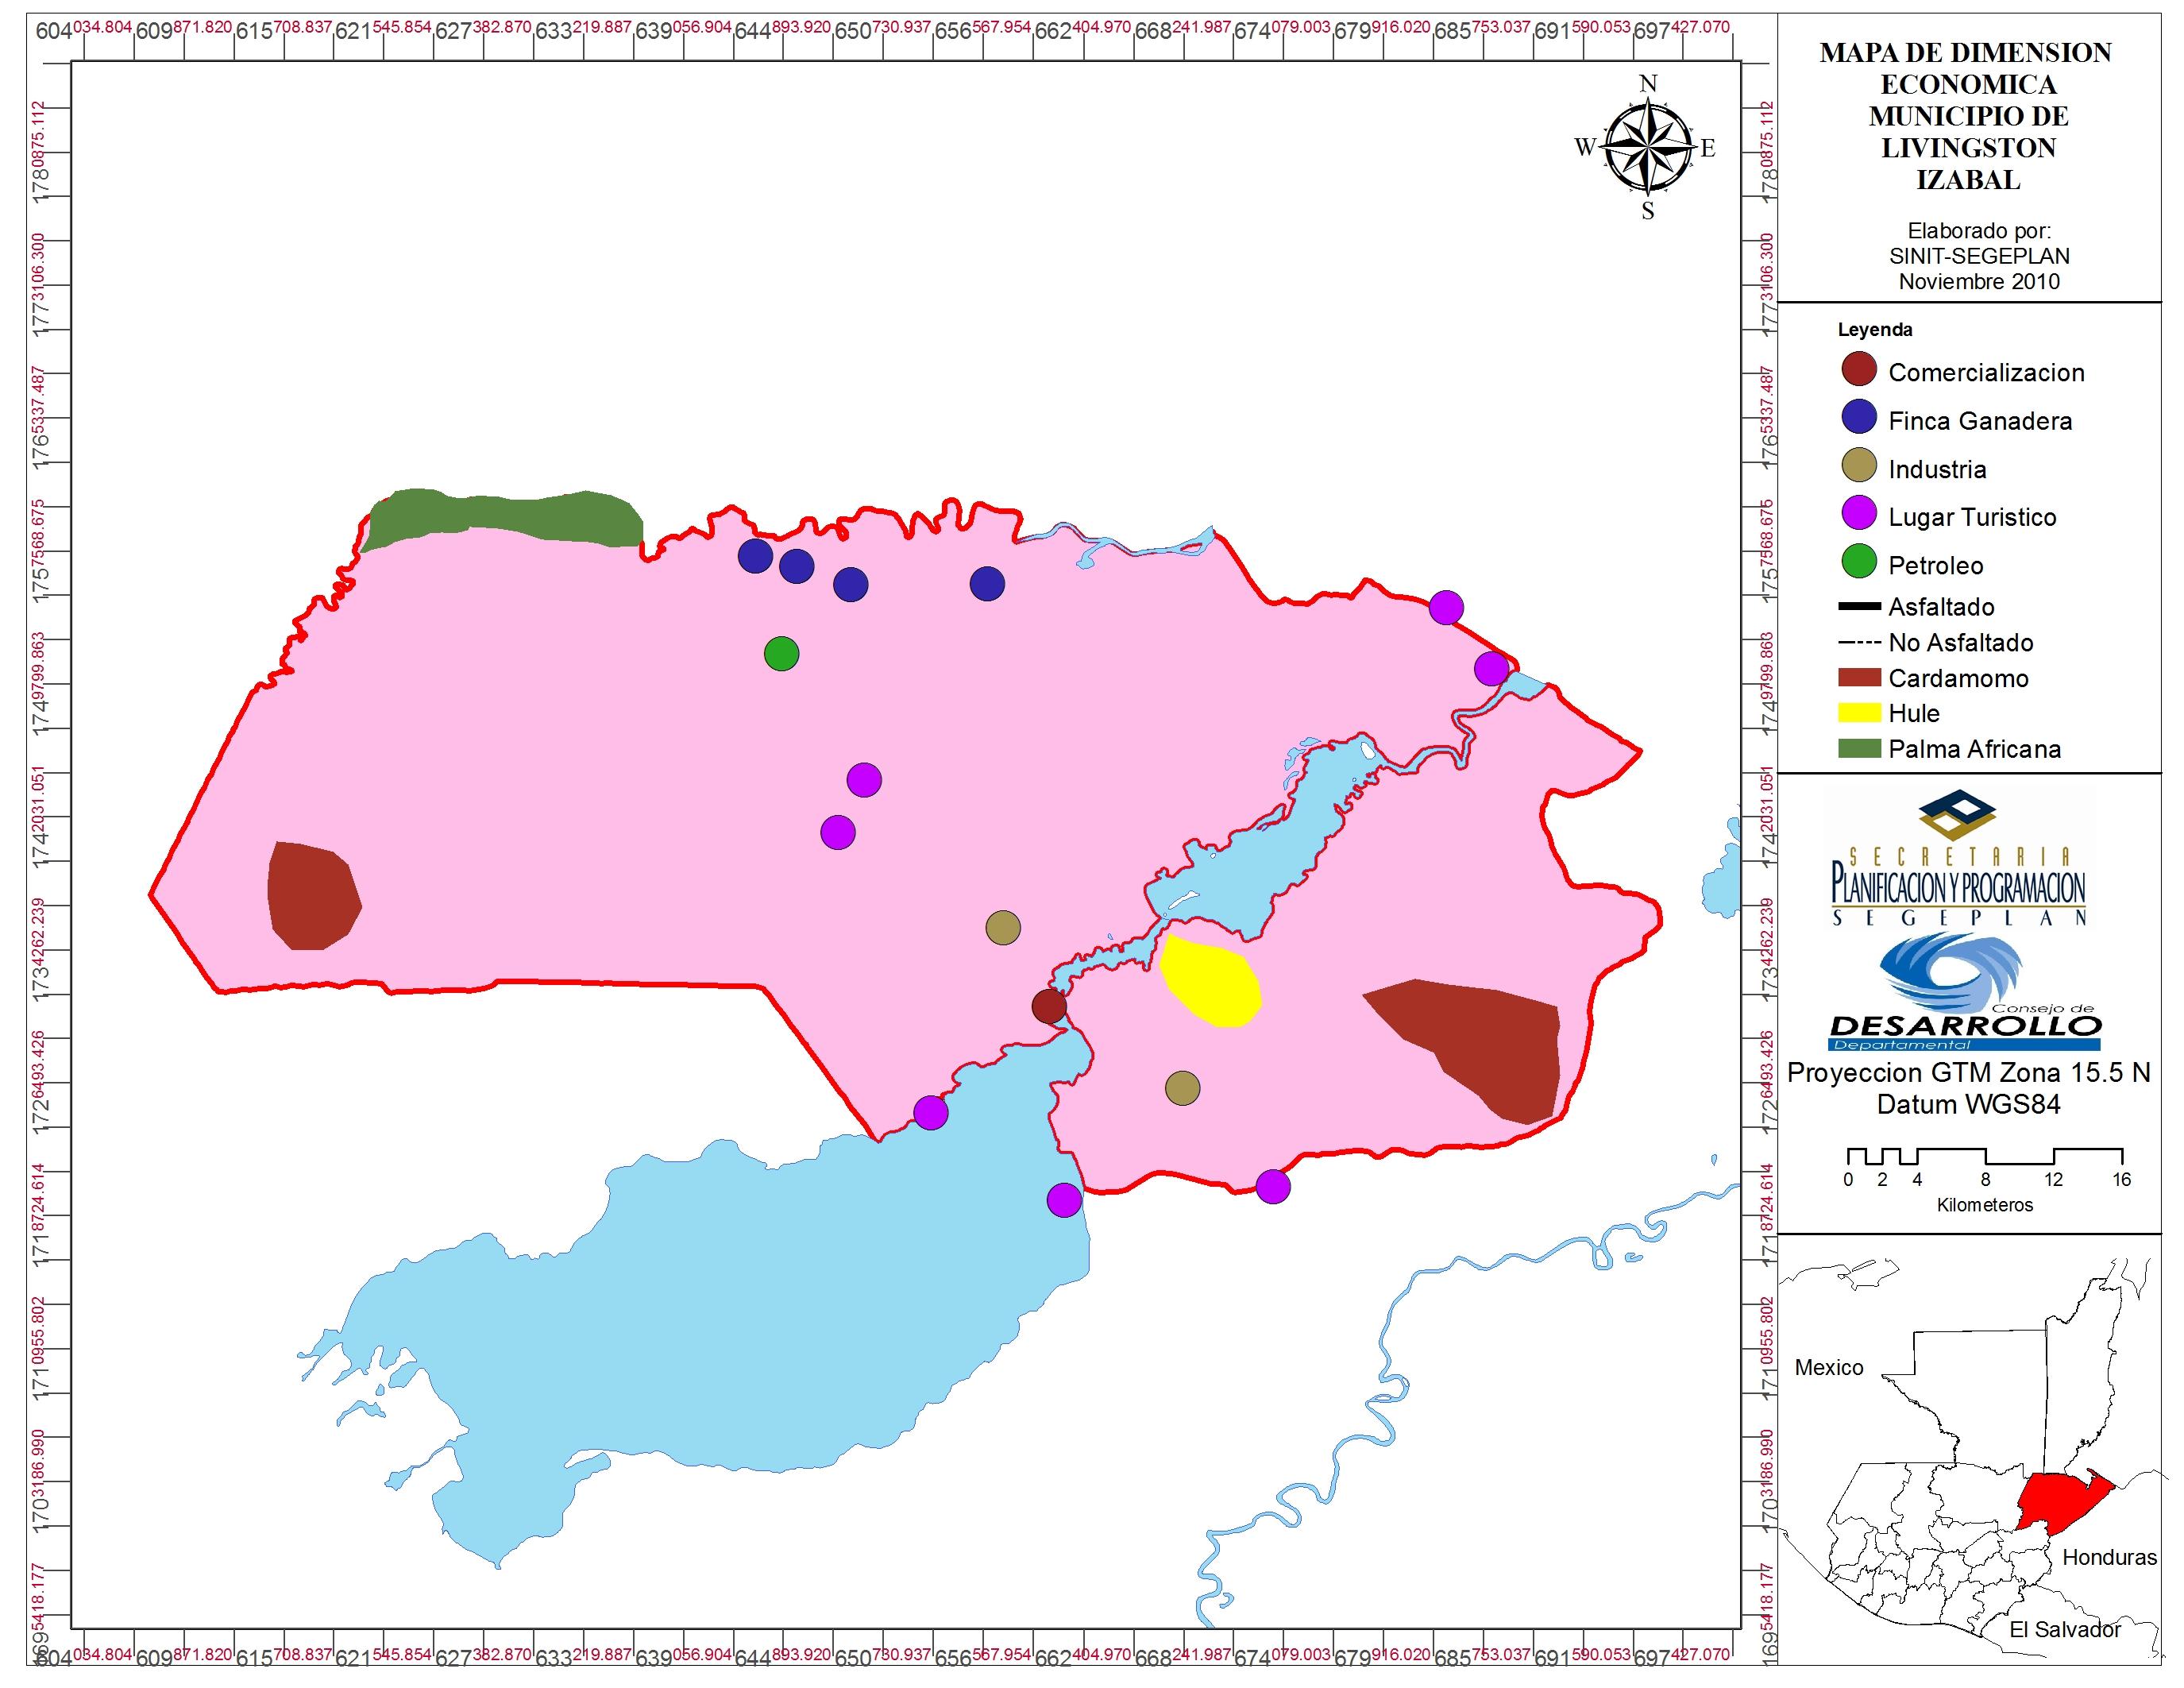 Guatemala: mapa del municipio de Livingston, Izabal, y actividades económicas que se desarrollan actualmente. Fuente: Segeplan